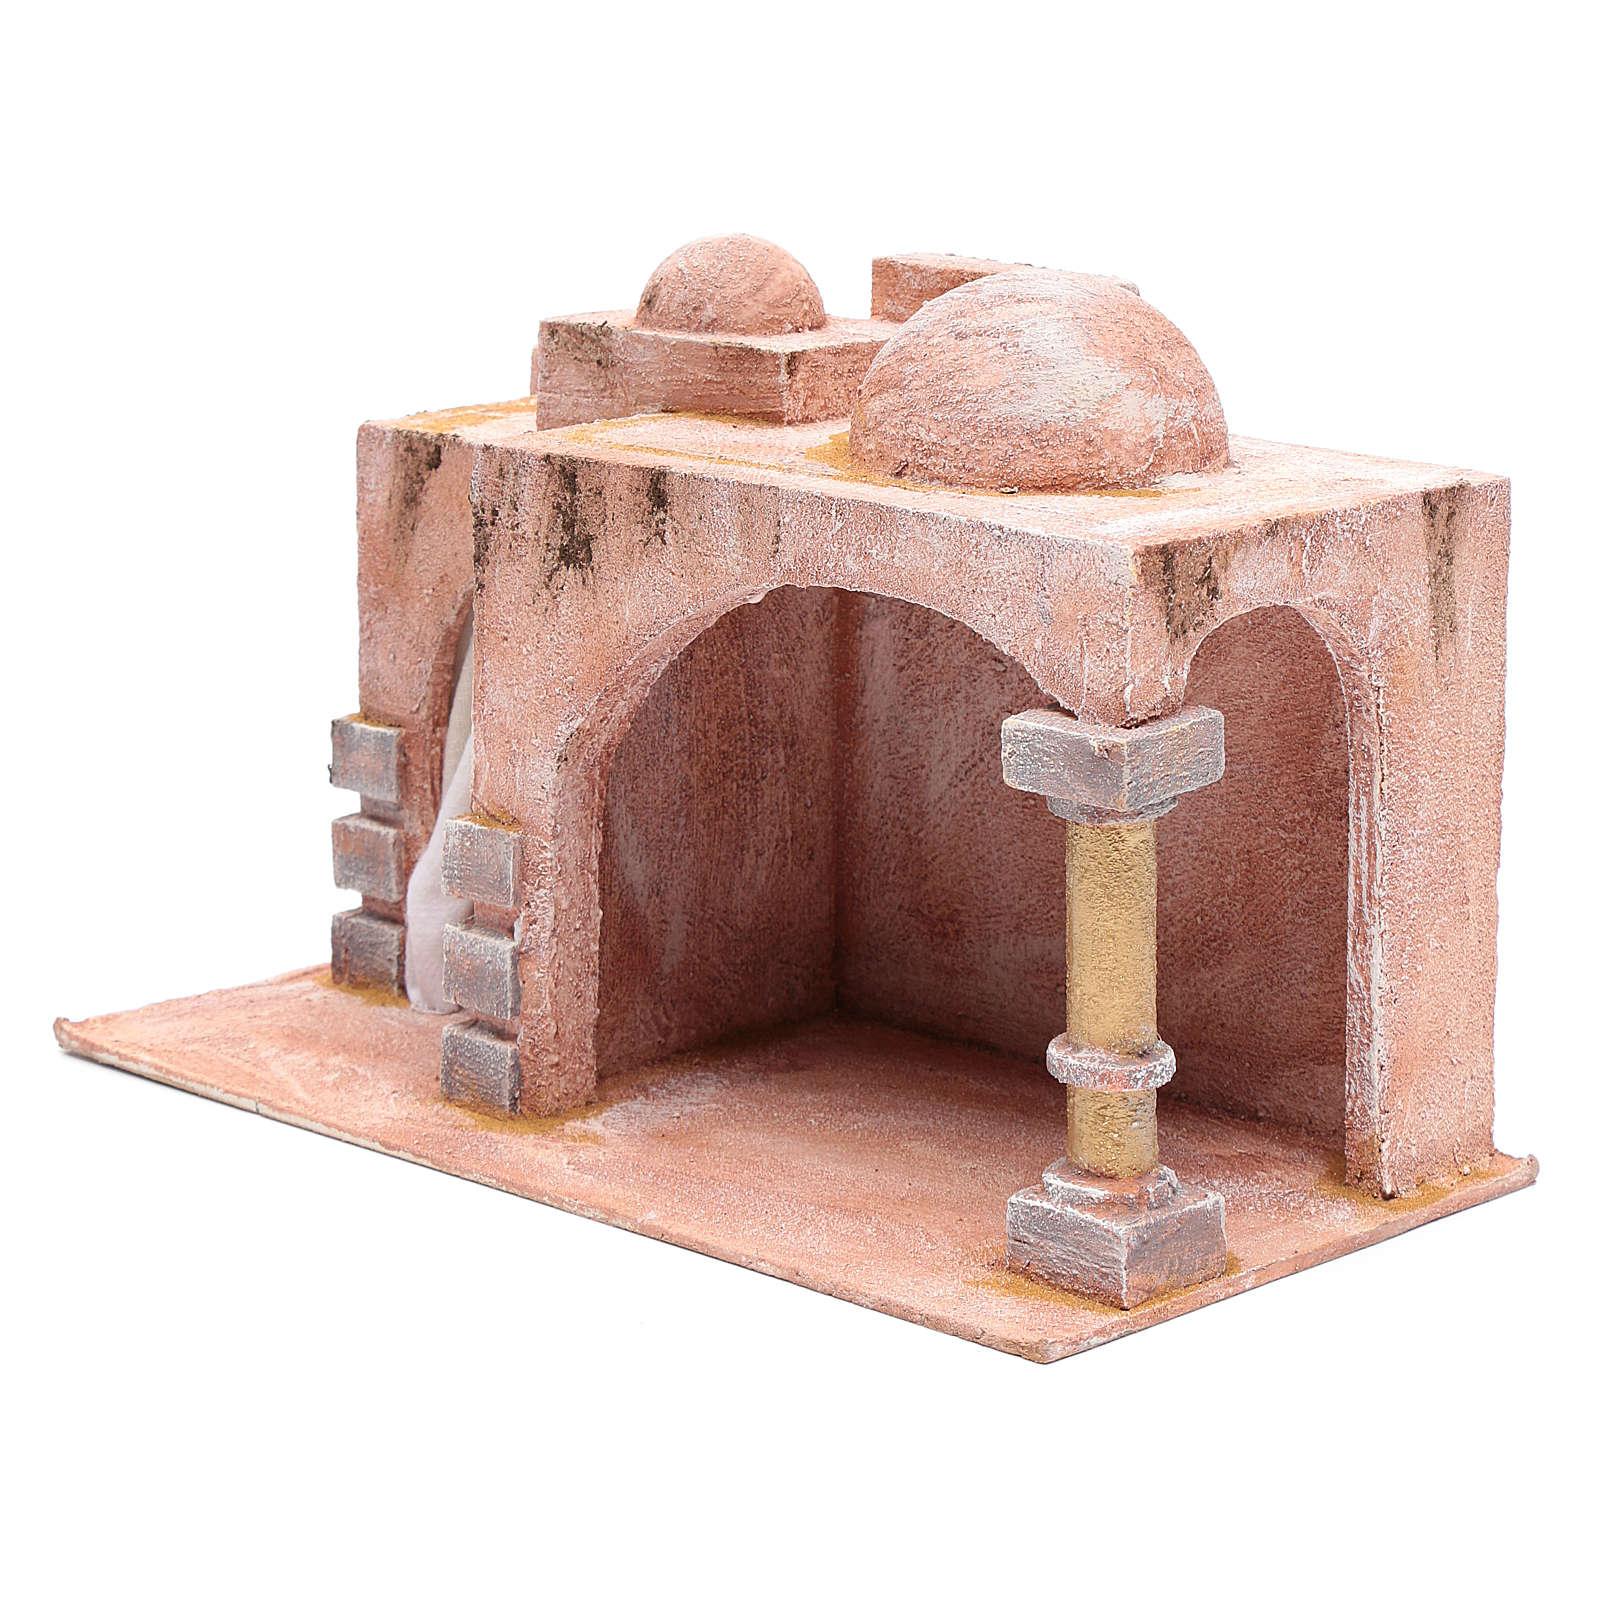 Cabaña de estilo árabe con porticado 20x35x20 cm 4